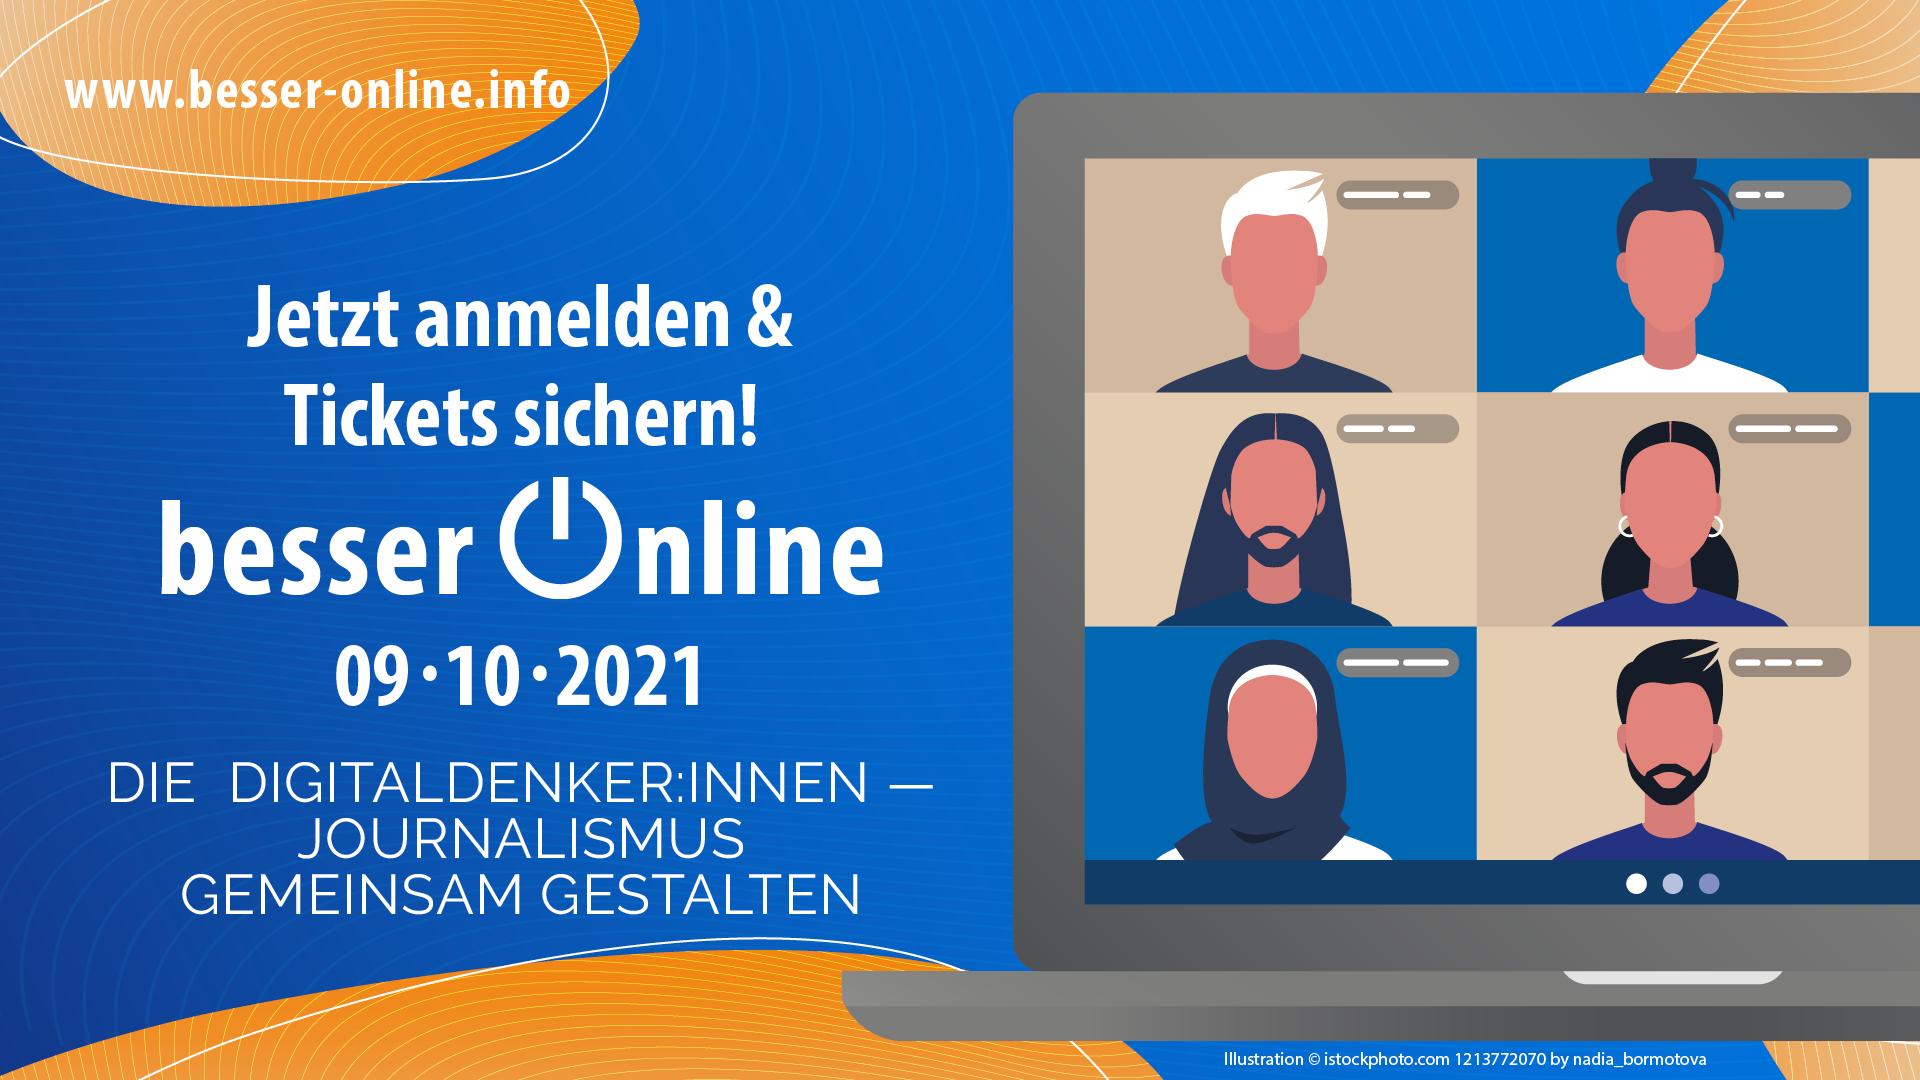 Besser Online 2021 - Die Online-Konferenz des DJV am 9. Oktober 2021   Besser Online 2021   Die Digital Denker:innen - Journalismus gemeinsam gestalten - Jetzt Tickets sichern!